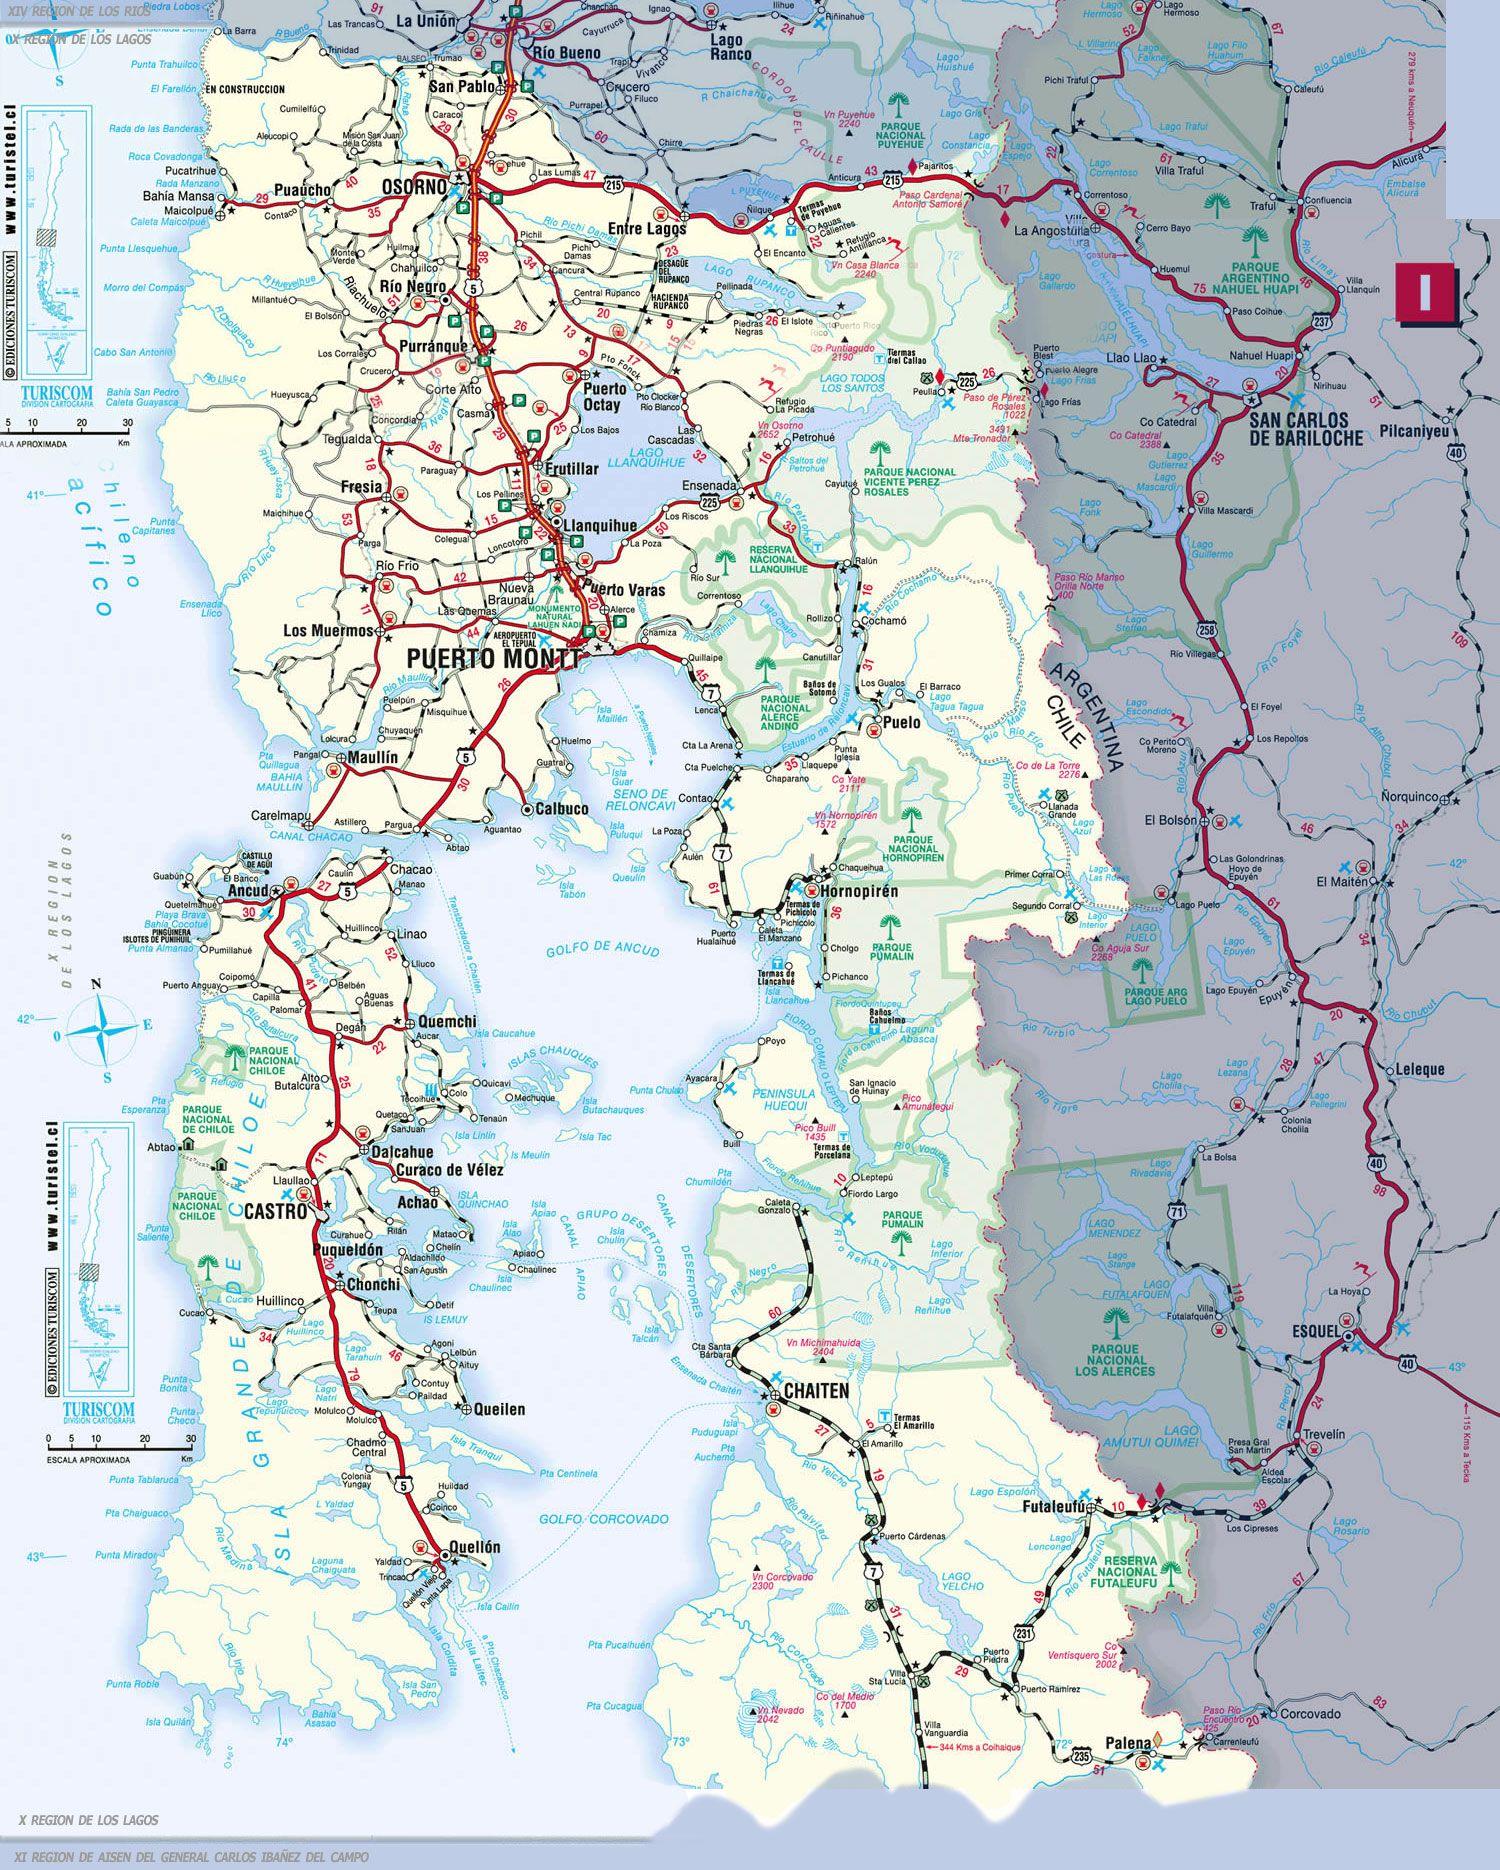 Mapa Sur De Chile.Turismo En Chile Mapa Turistico De La X Region De Los Lagos Cabanas Hoteles Camping Mapa Turistico Chile Mapa Turistico Mapas De Carreteras